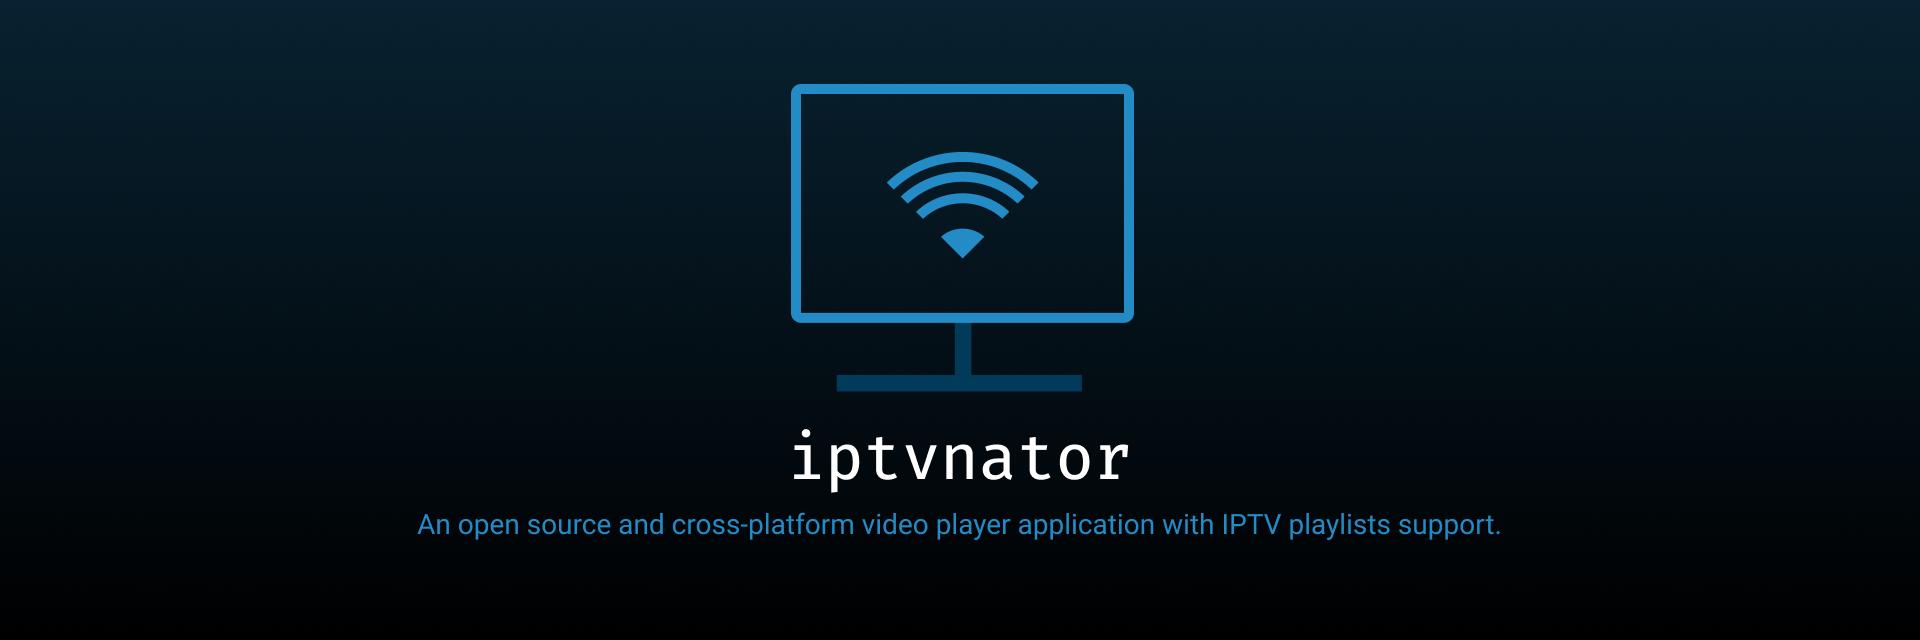 IPTVnator banner